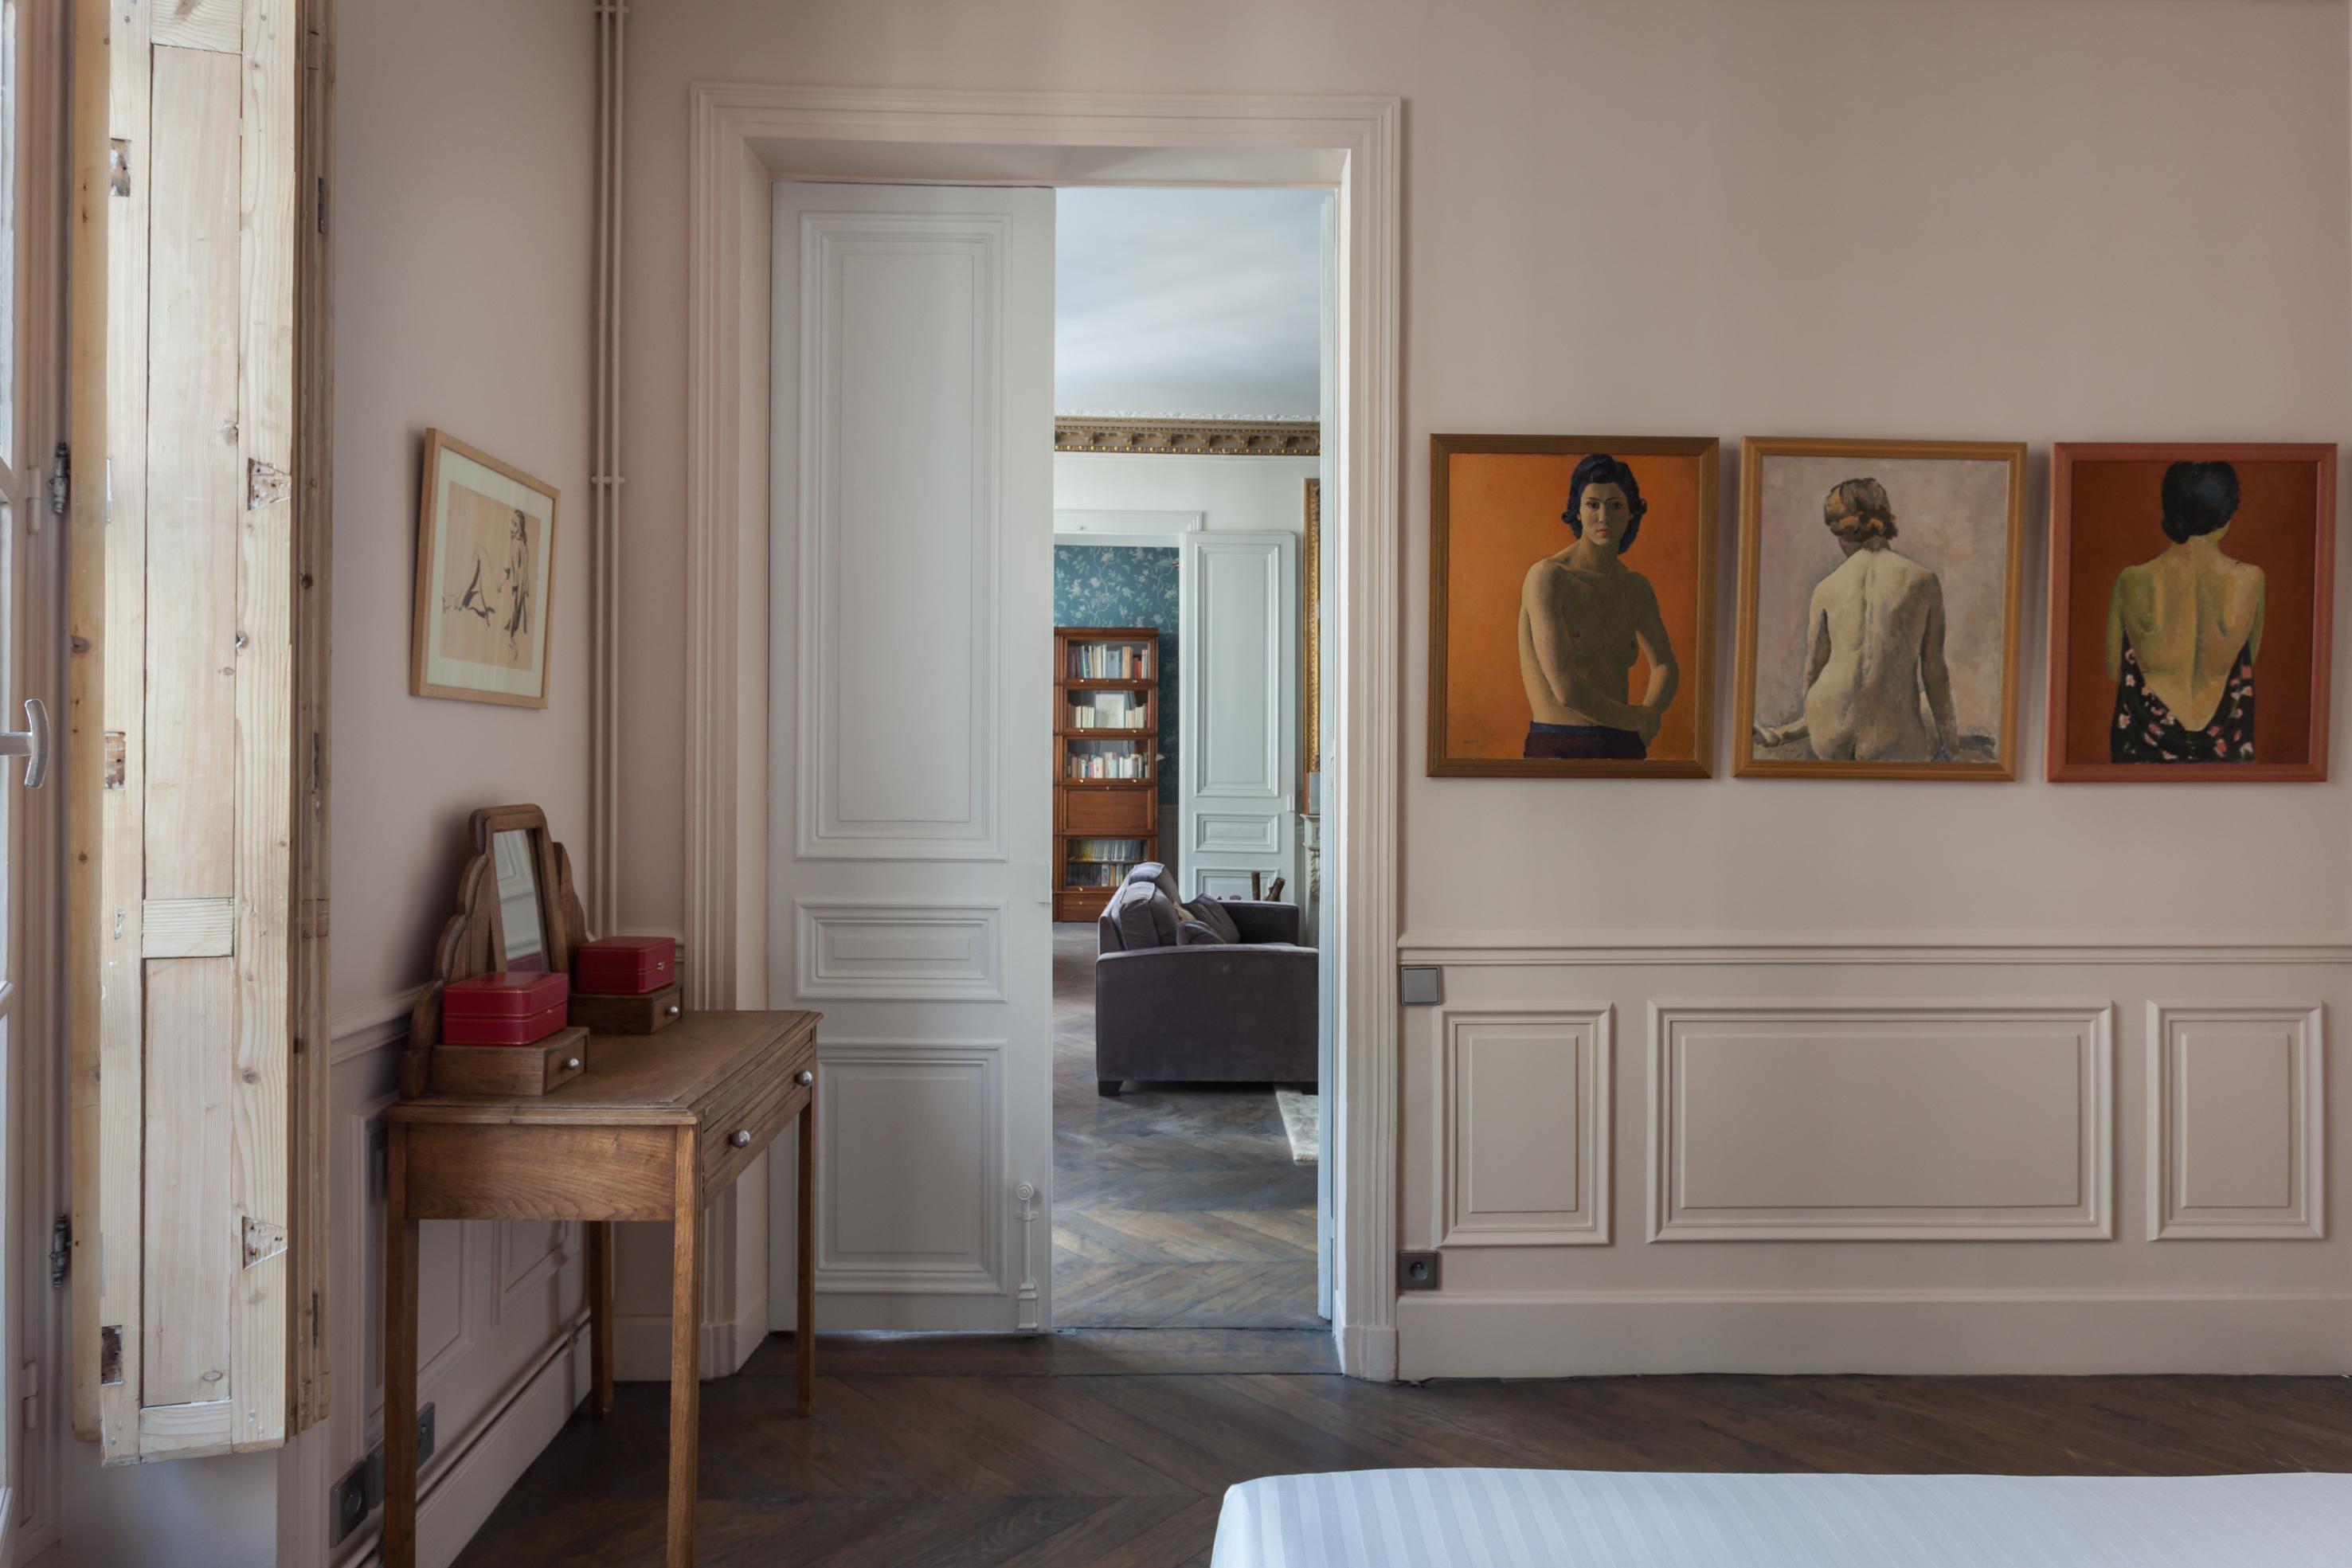 белые стены паркет стеновые панели молдинги картины консоль раздвижная дверь высокий потолок